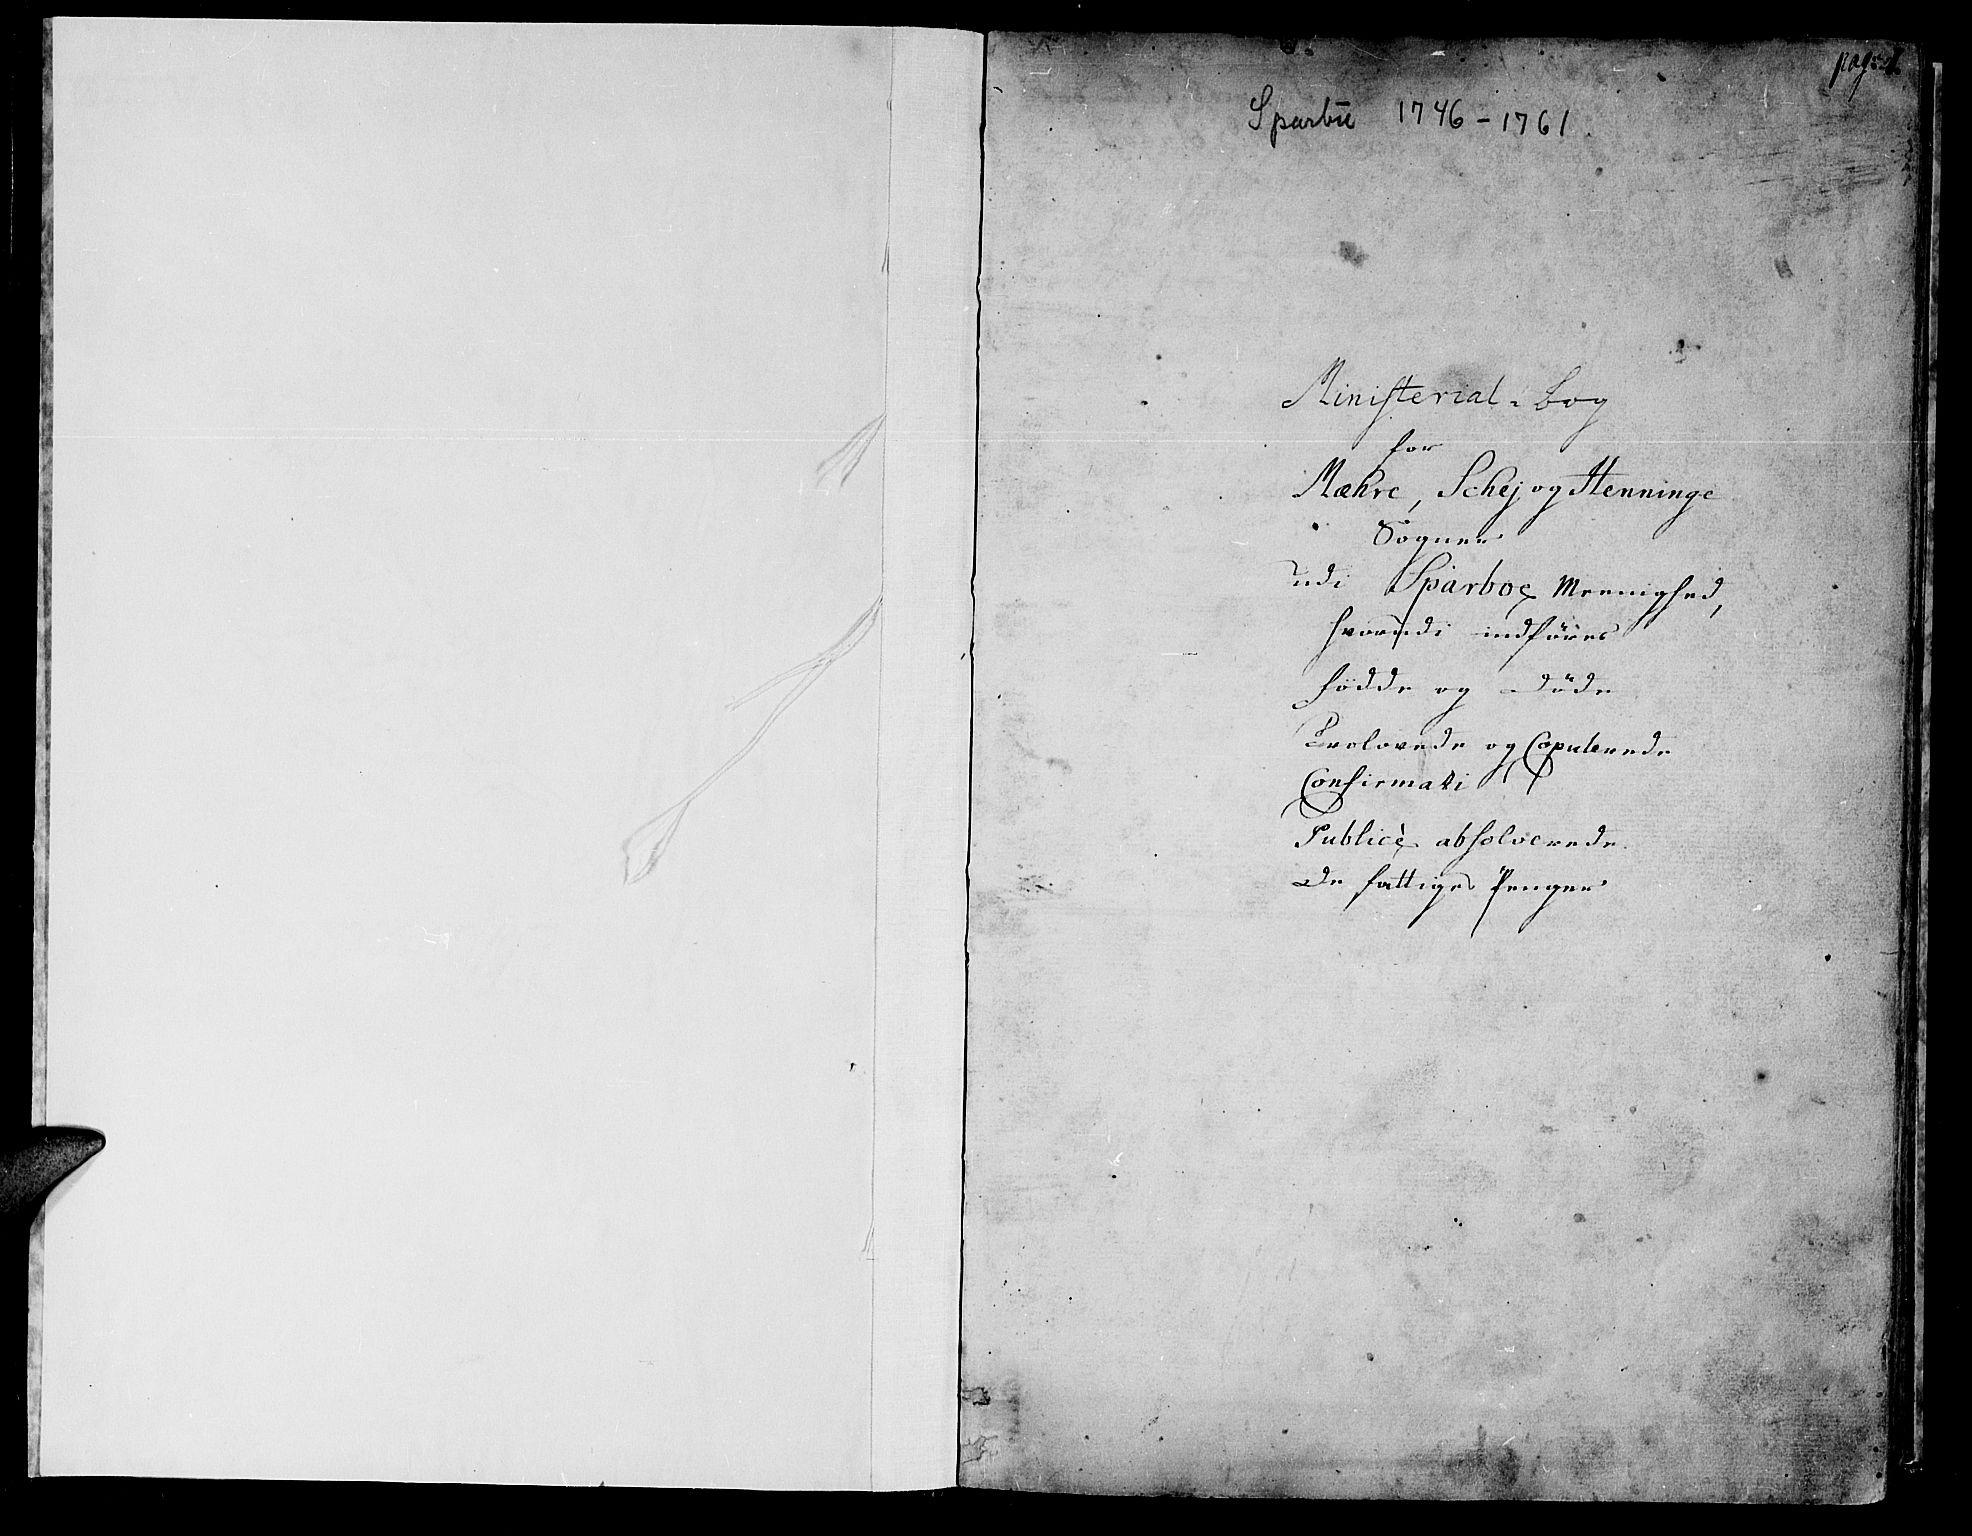 SAT, Ministerialprotokoller, klokkerbøker og fødselsregistre - Nord-Trøndelag, 735/L0330: Parish register (official) no. 735A01, 1740-1766, p. 0-1